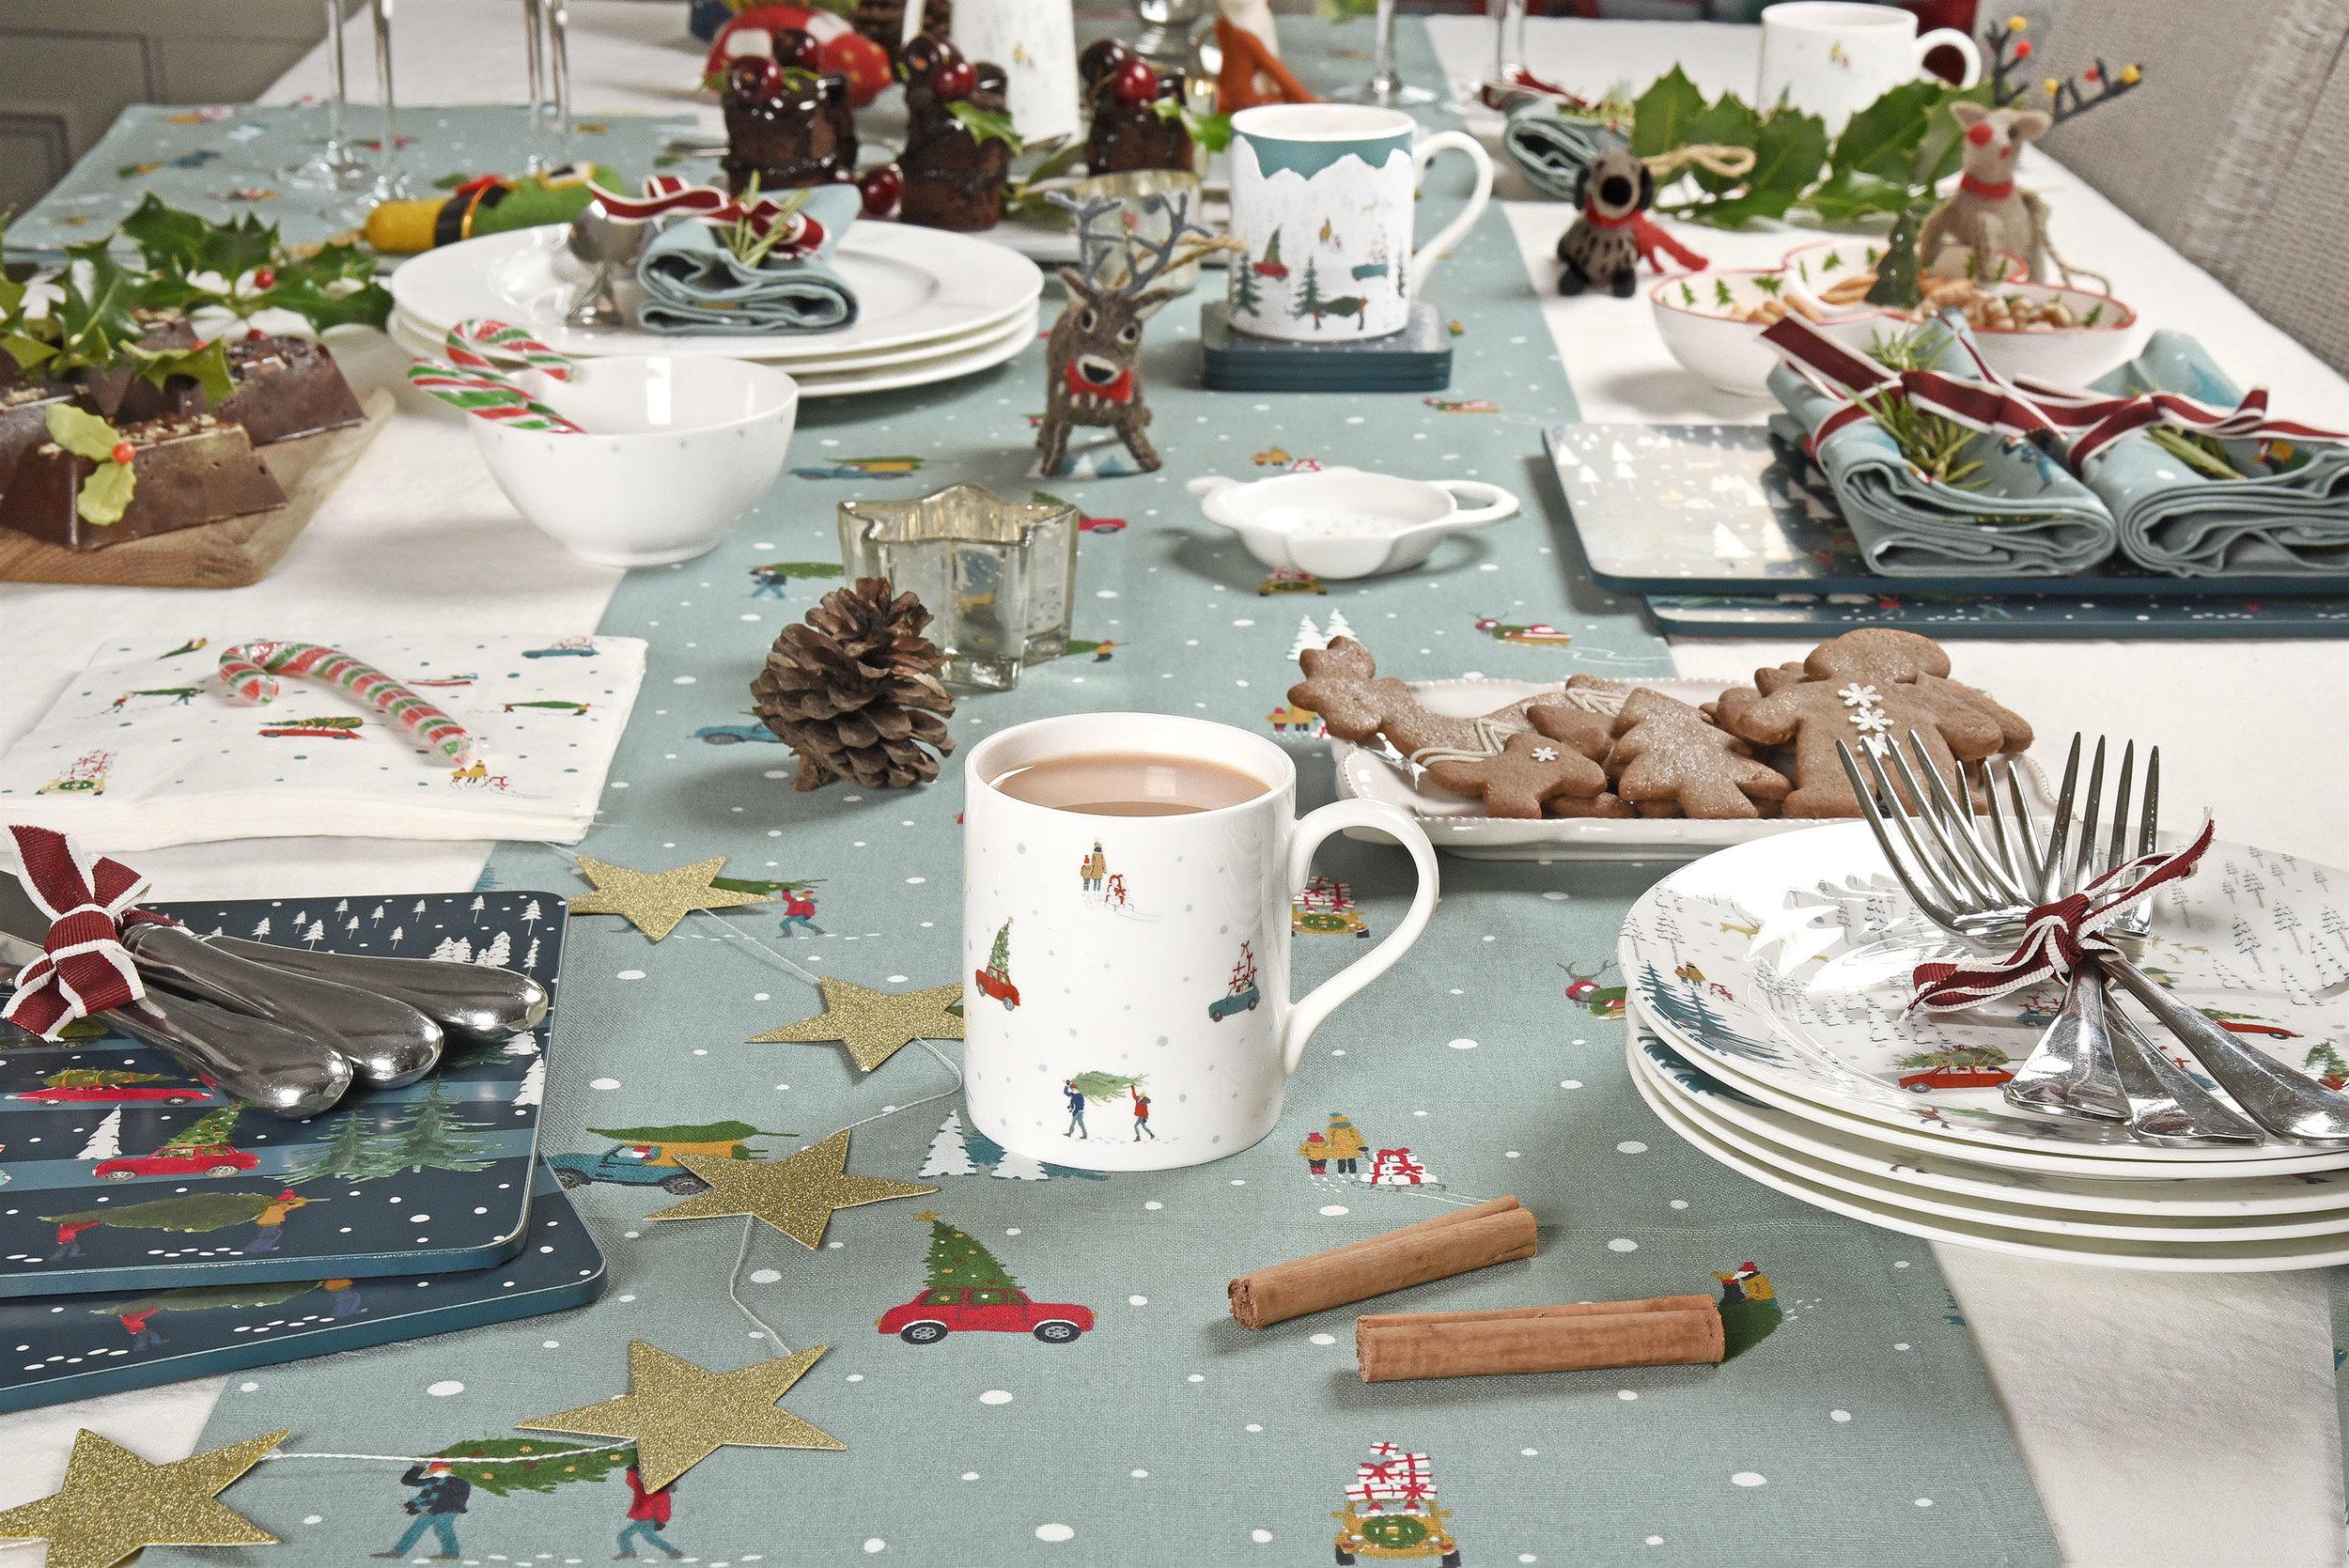 bm6002-home-for-christmas-standard-mug-lifestyle-high-res.jpg